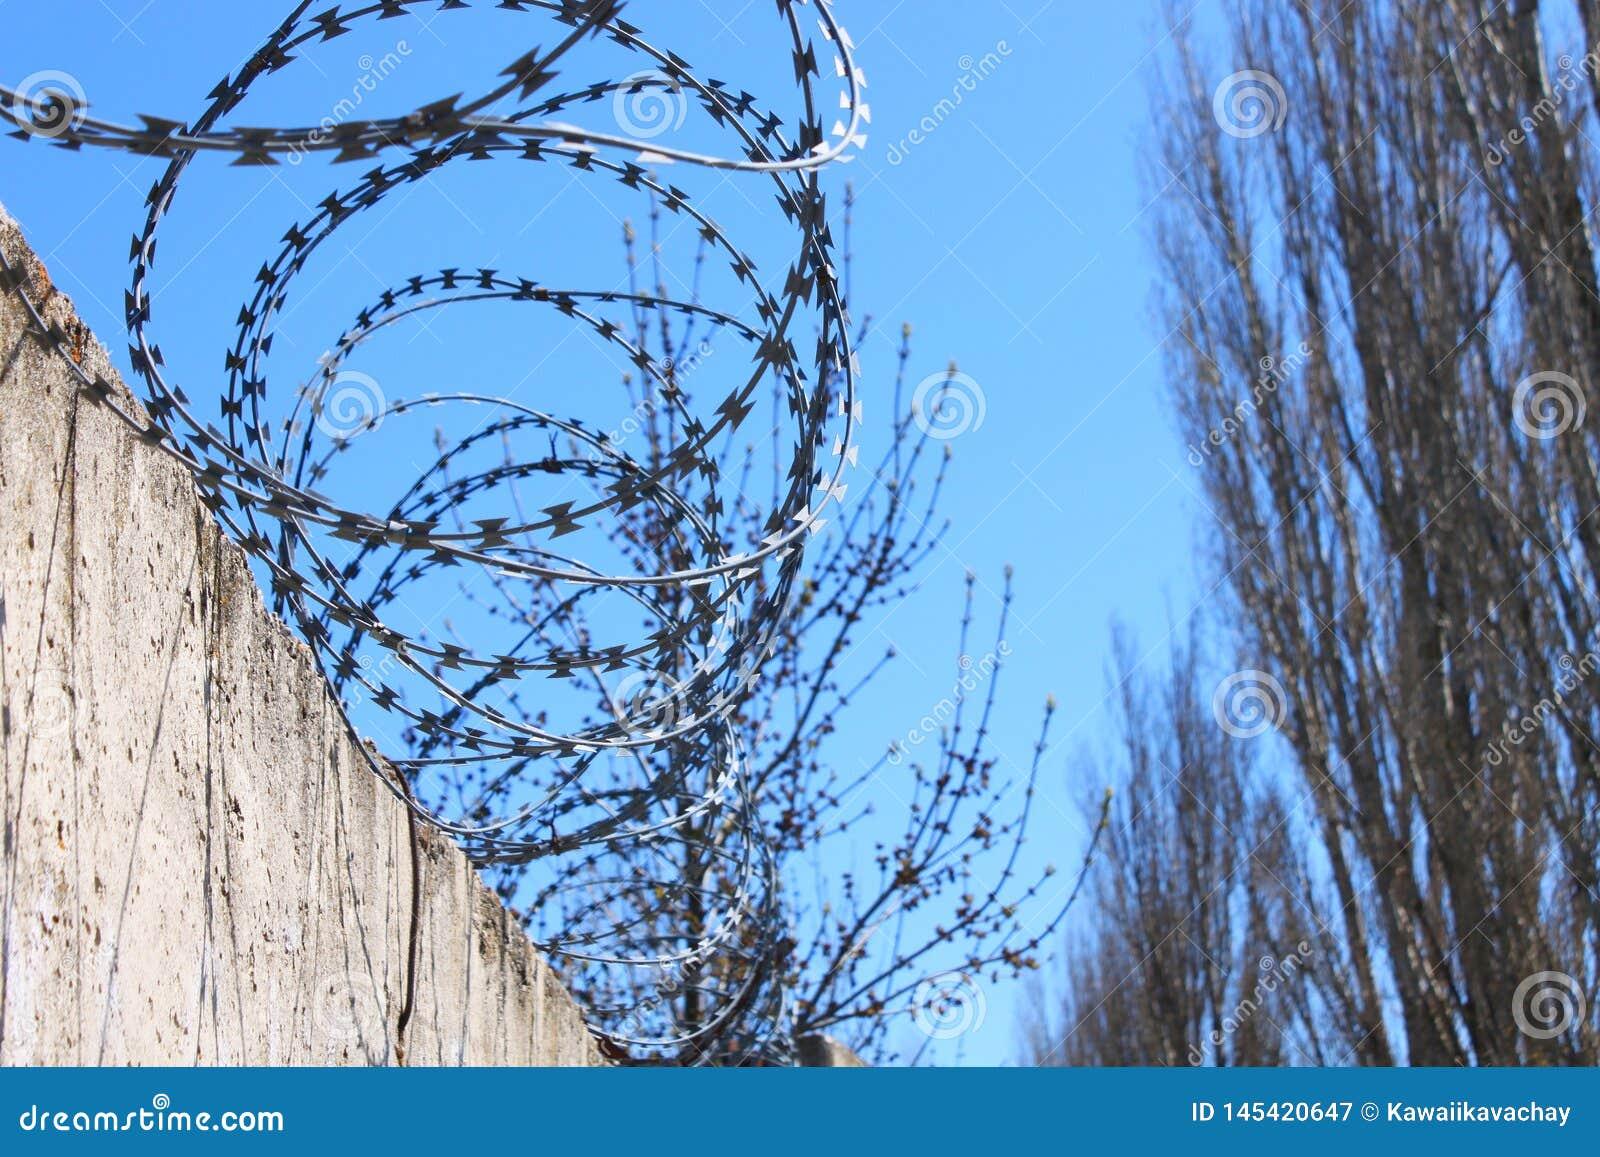 Οδοντωτός - καλώδιο στο φράκτη με το μπλε ουρανό, η έννοια της φυλακής, σωτηρία, διάστημα αντιγράφων